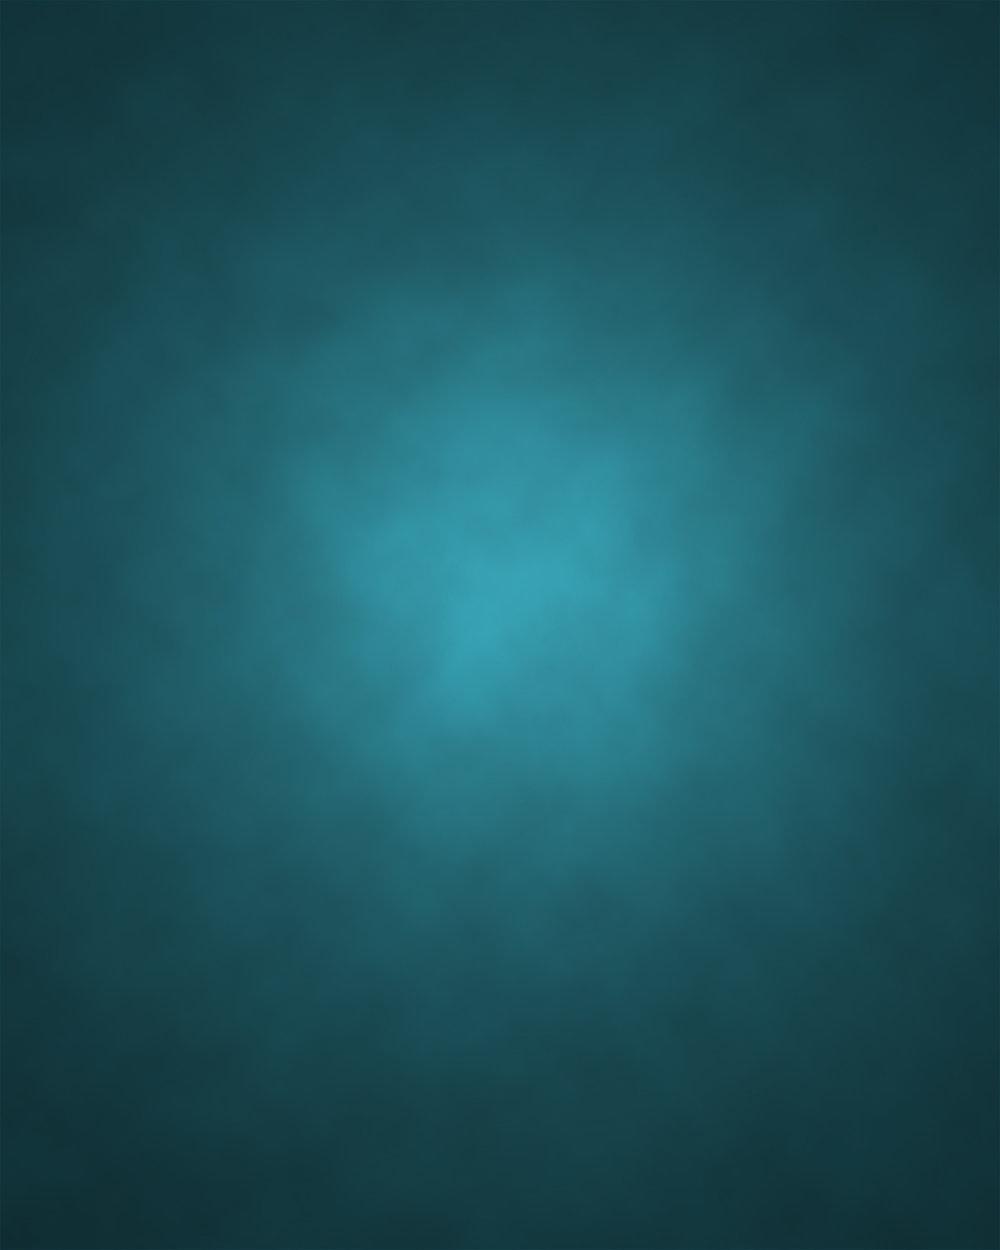 Background Option #4 - Teal